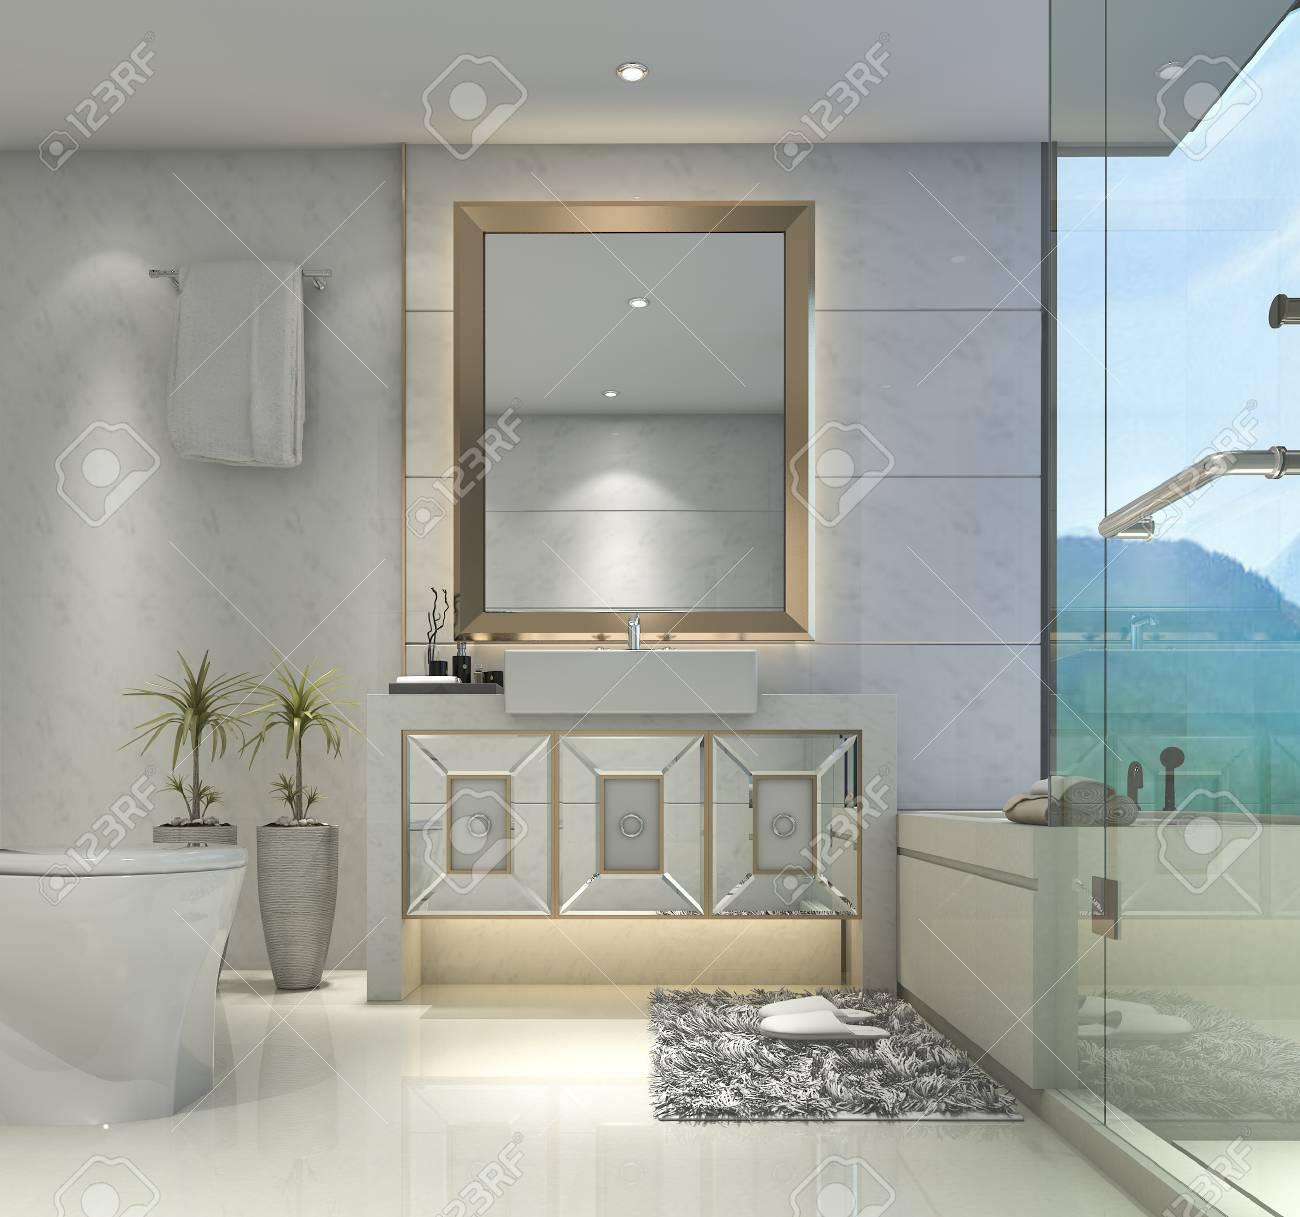 Salle De Bain Classique Moderne Avec Décor De Carreaux De Luxe Avec ...